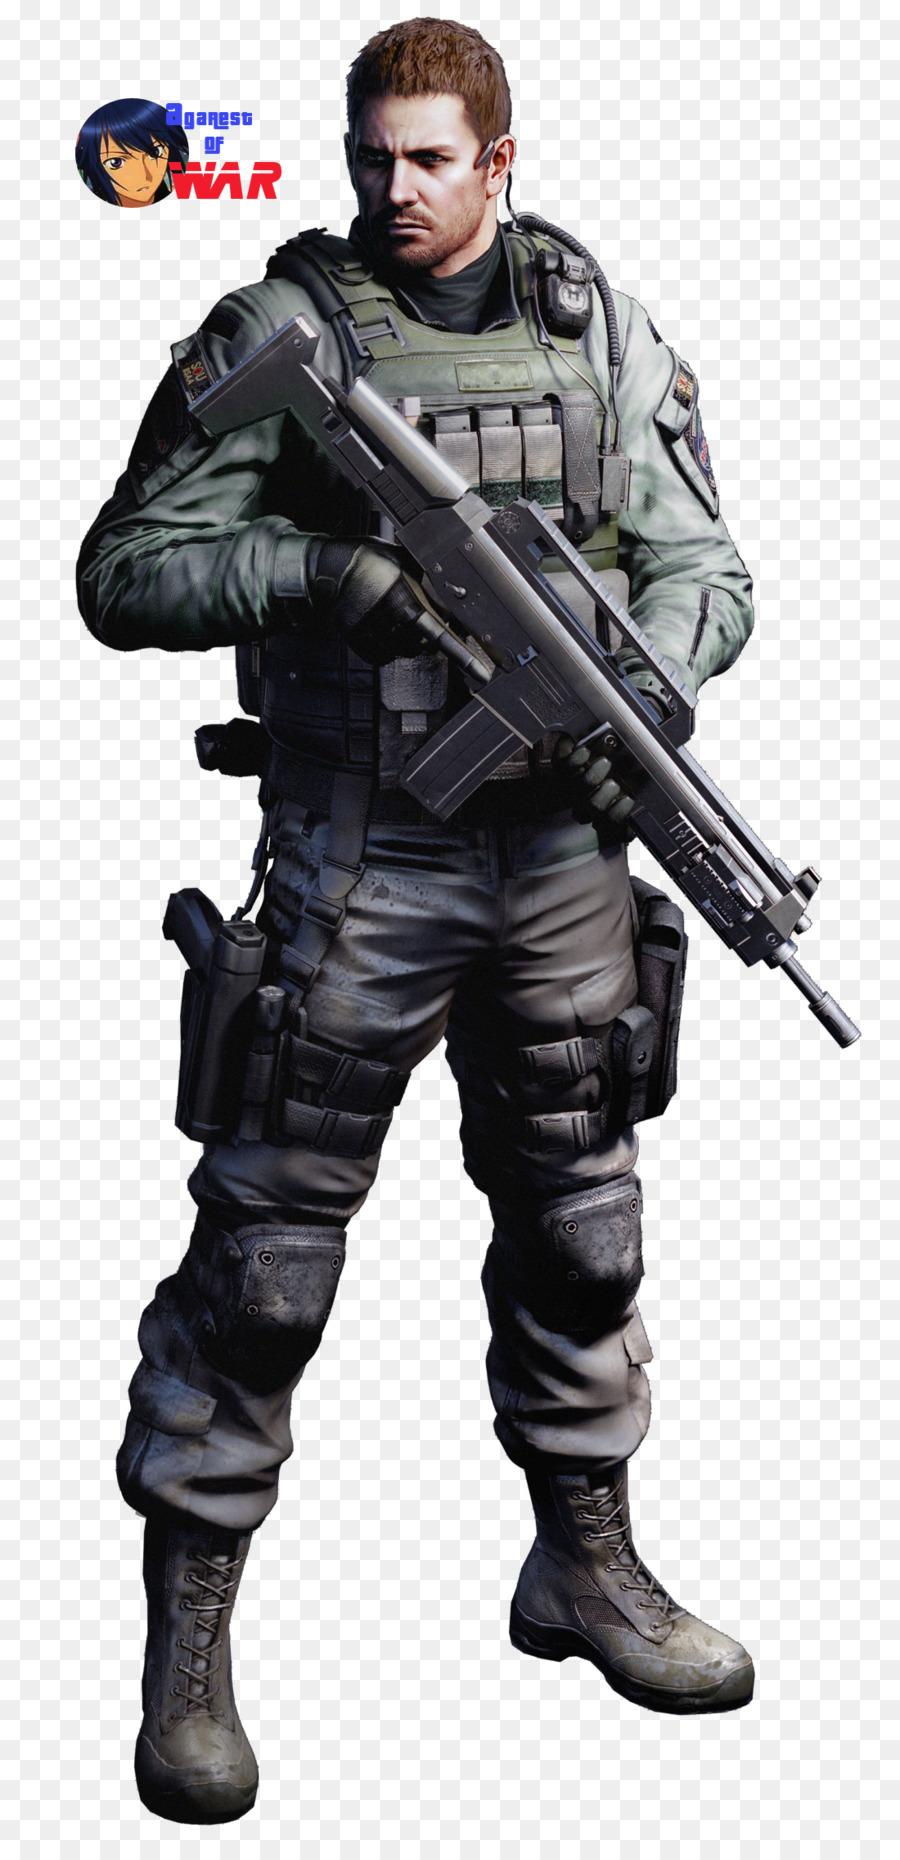 Police Uniform Png Download 900 1841 Free Transparent Resident Evil 6 Png Download Cleanpng Kisspng